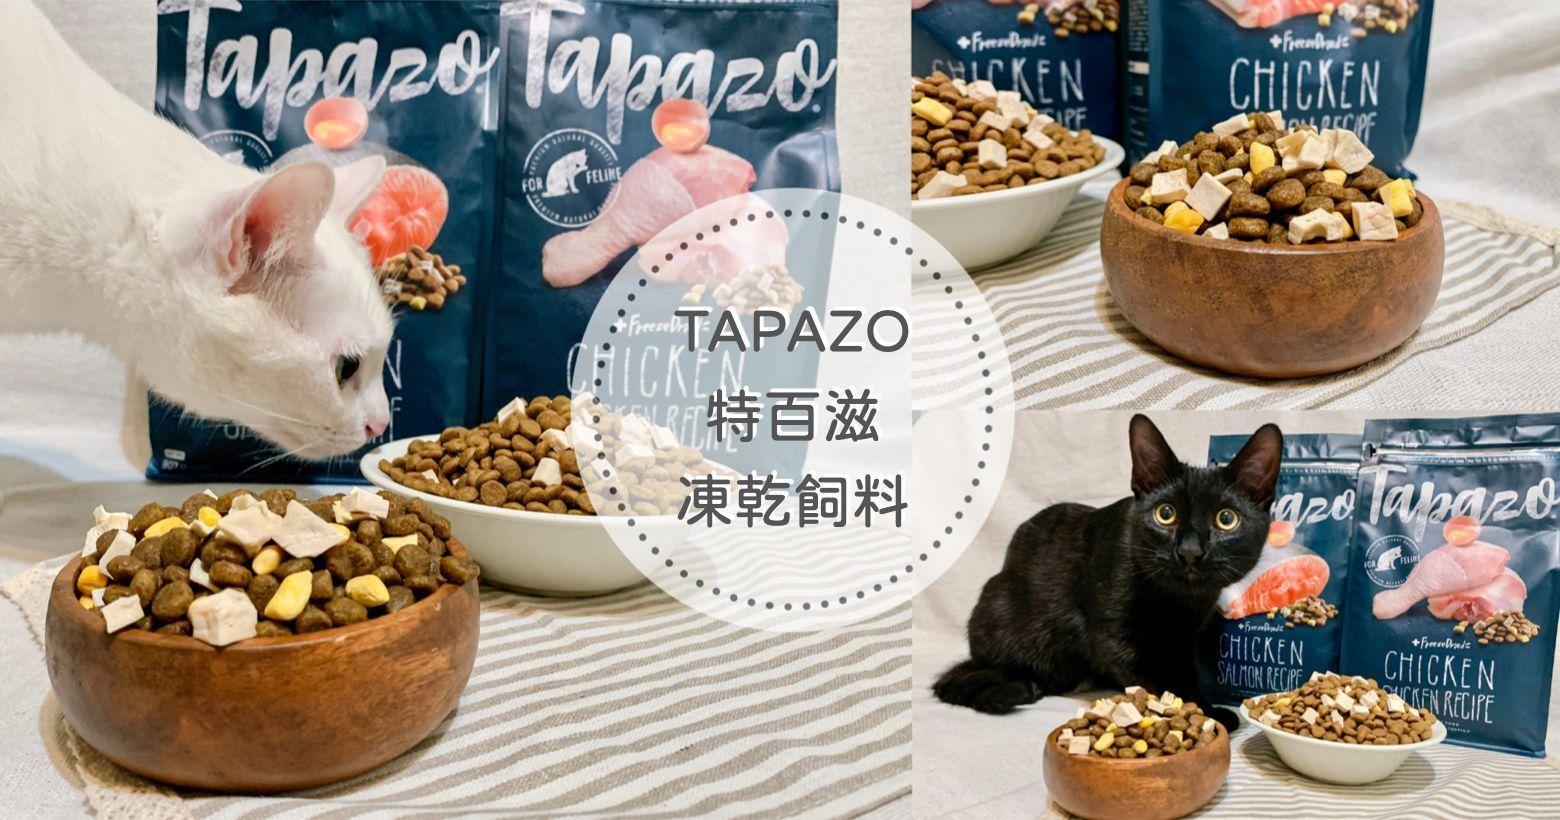 🥩主食開箱|TAPAZO特百滋|凍乾雙饗宴|冷凍乾燥凍乾飼料|挑嘴貓飼料推薦「圓仔是一隻活潑好動的